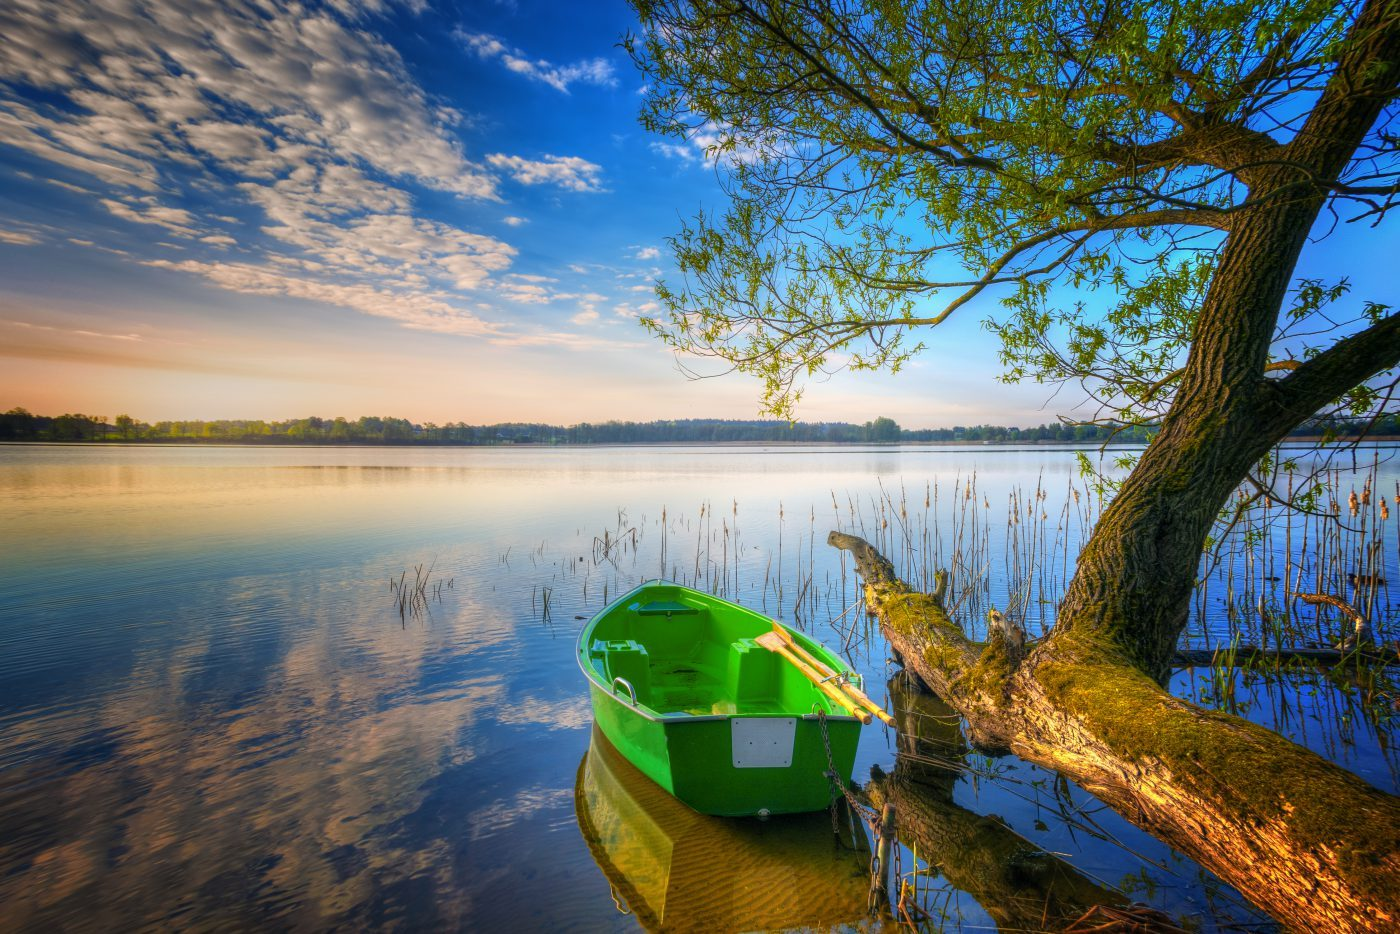 Mazury łódka na jeziorze Selmęt Wielki